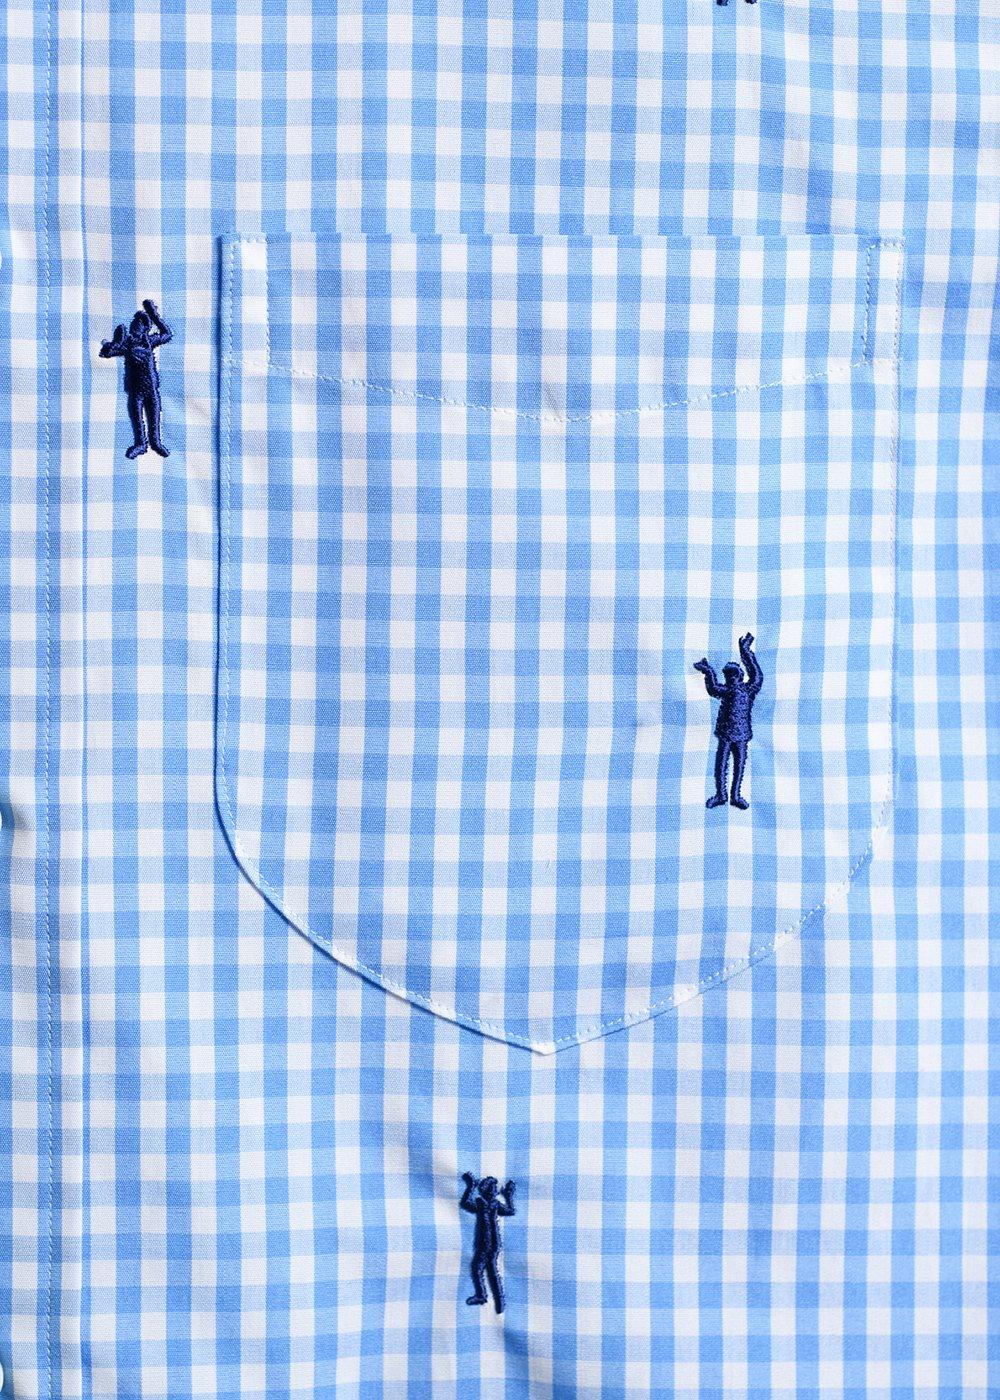 かりゆしウェア(沖縄版アロハシャツ) MAJUN - ギンガムチェックカチャーシー